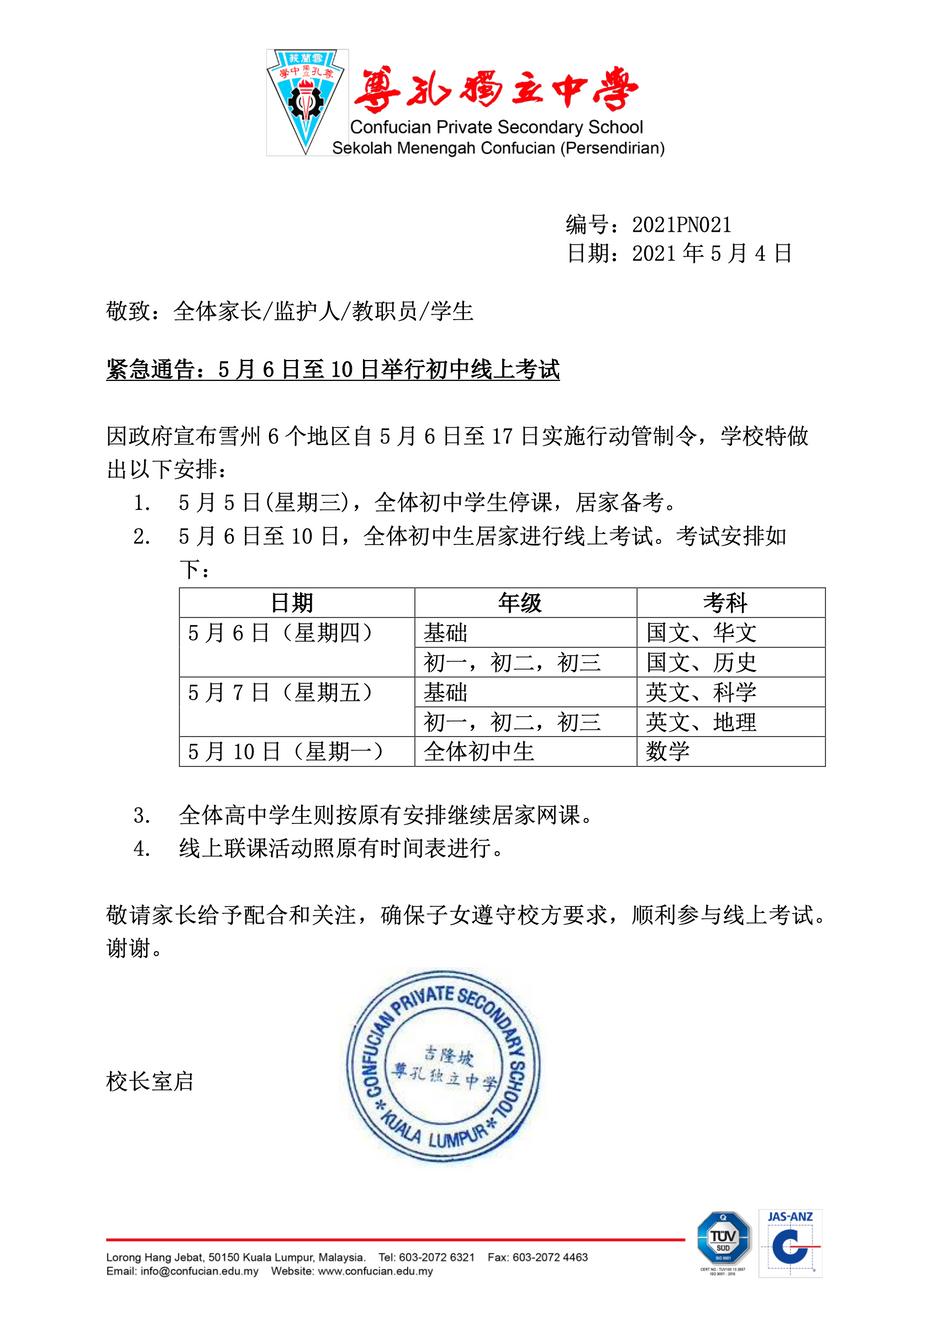 [校长室通告]5月6日至10日举行初中线上考试